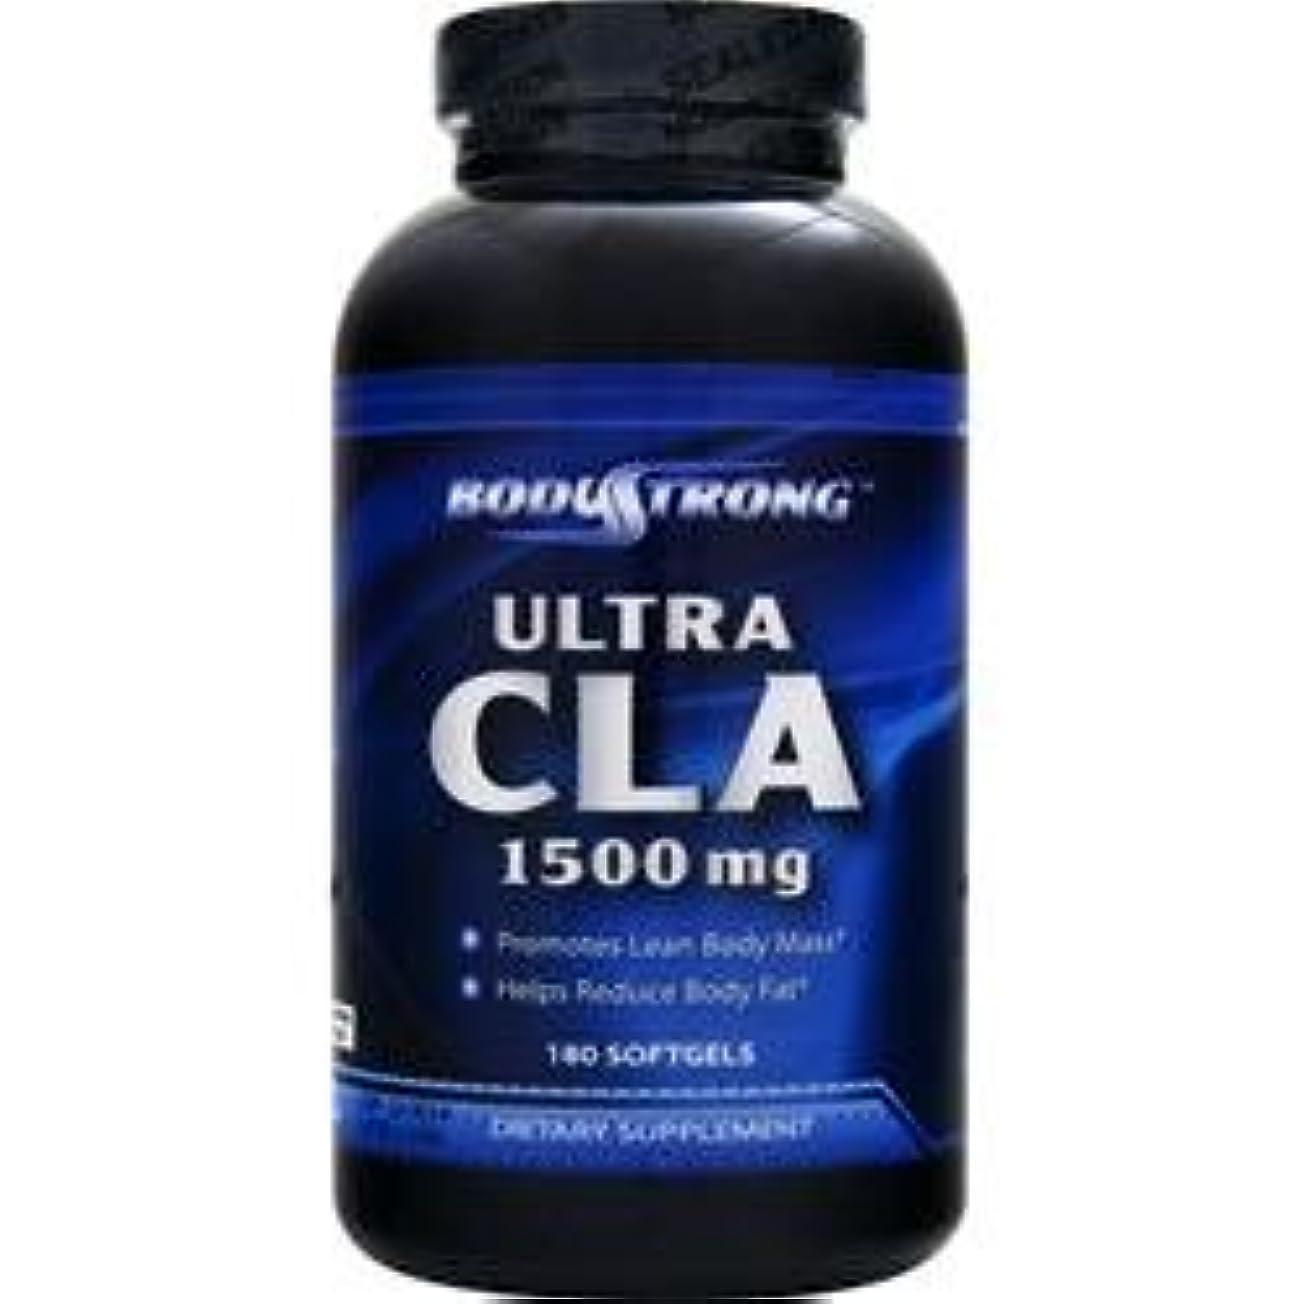 それ永久借りるBodyStrong ウルトラCLA 1500mg (Ultra CLA) (180ソフトジェル)